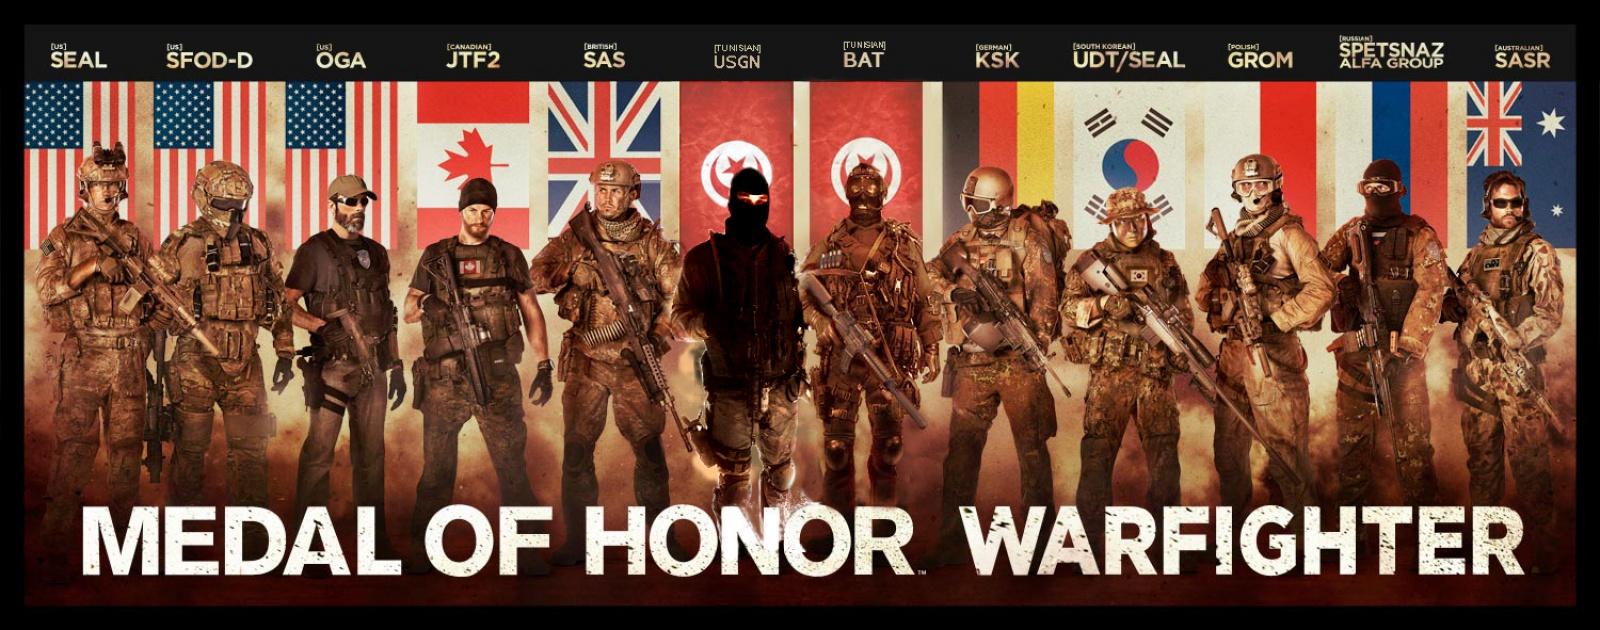 القـوات الخـاصــة حول العالم - حصري لصالح منتدى الجيش العربي 839796TUNISIA